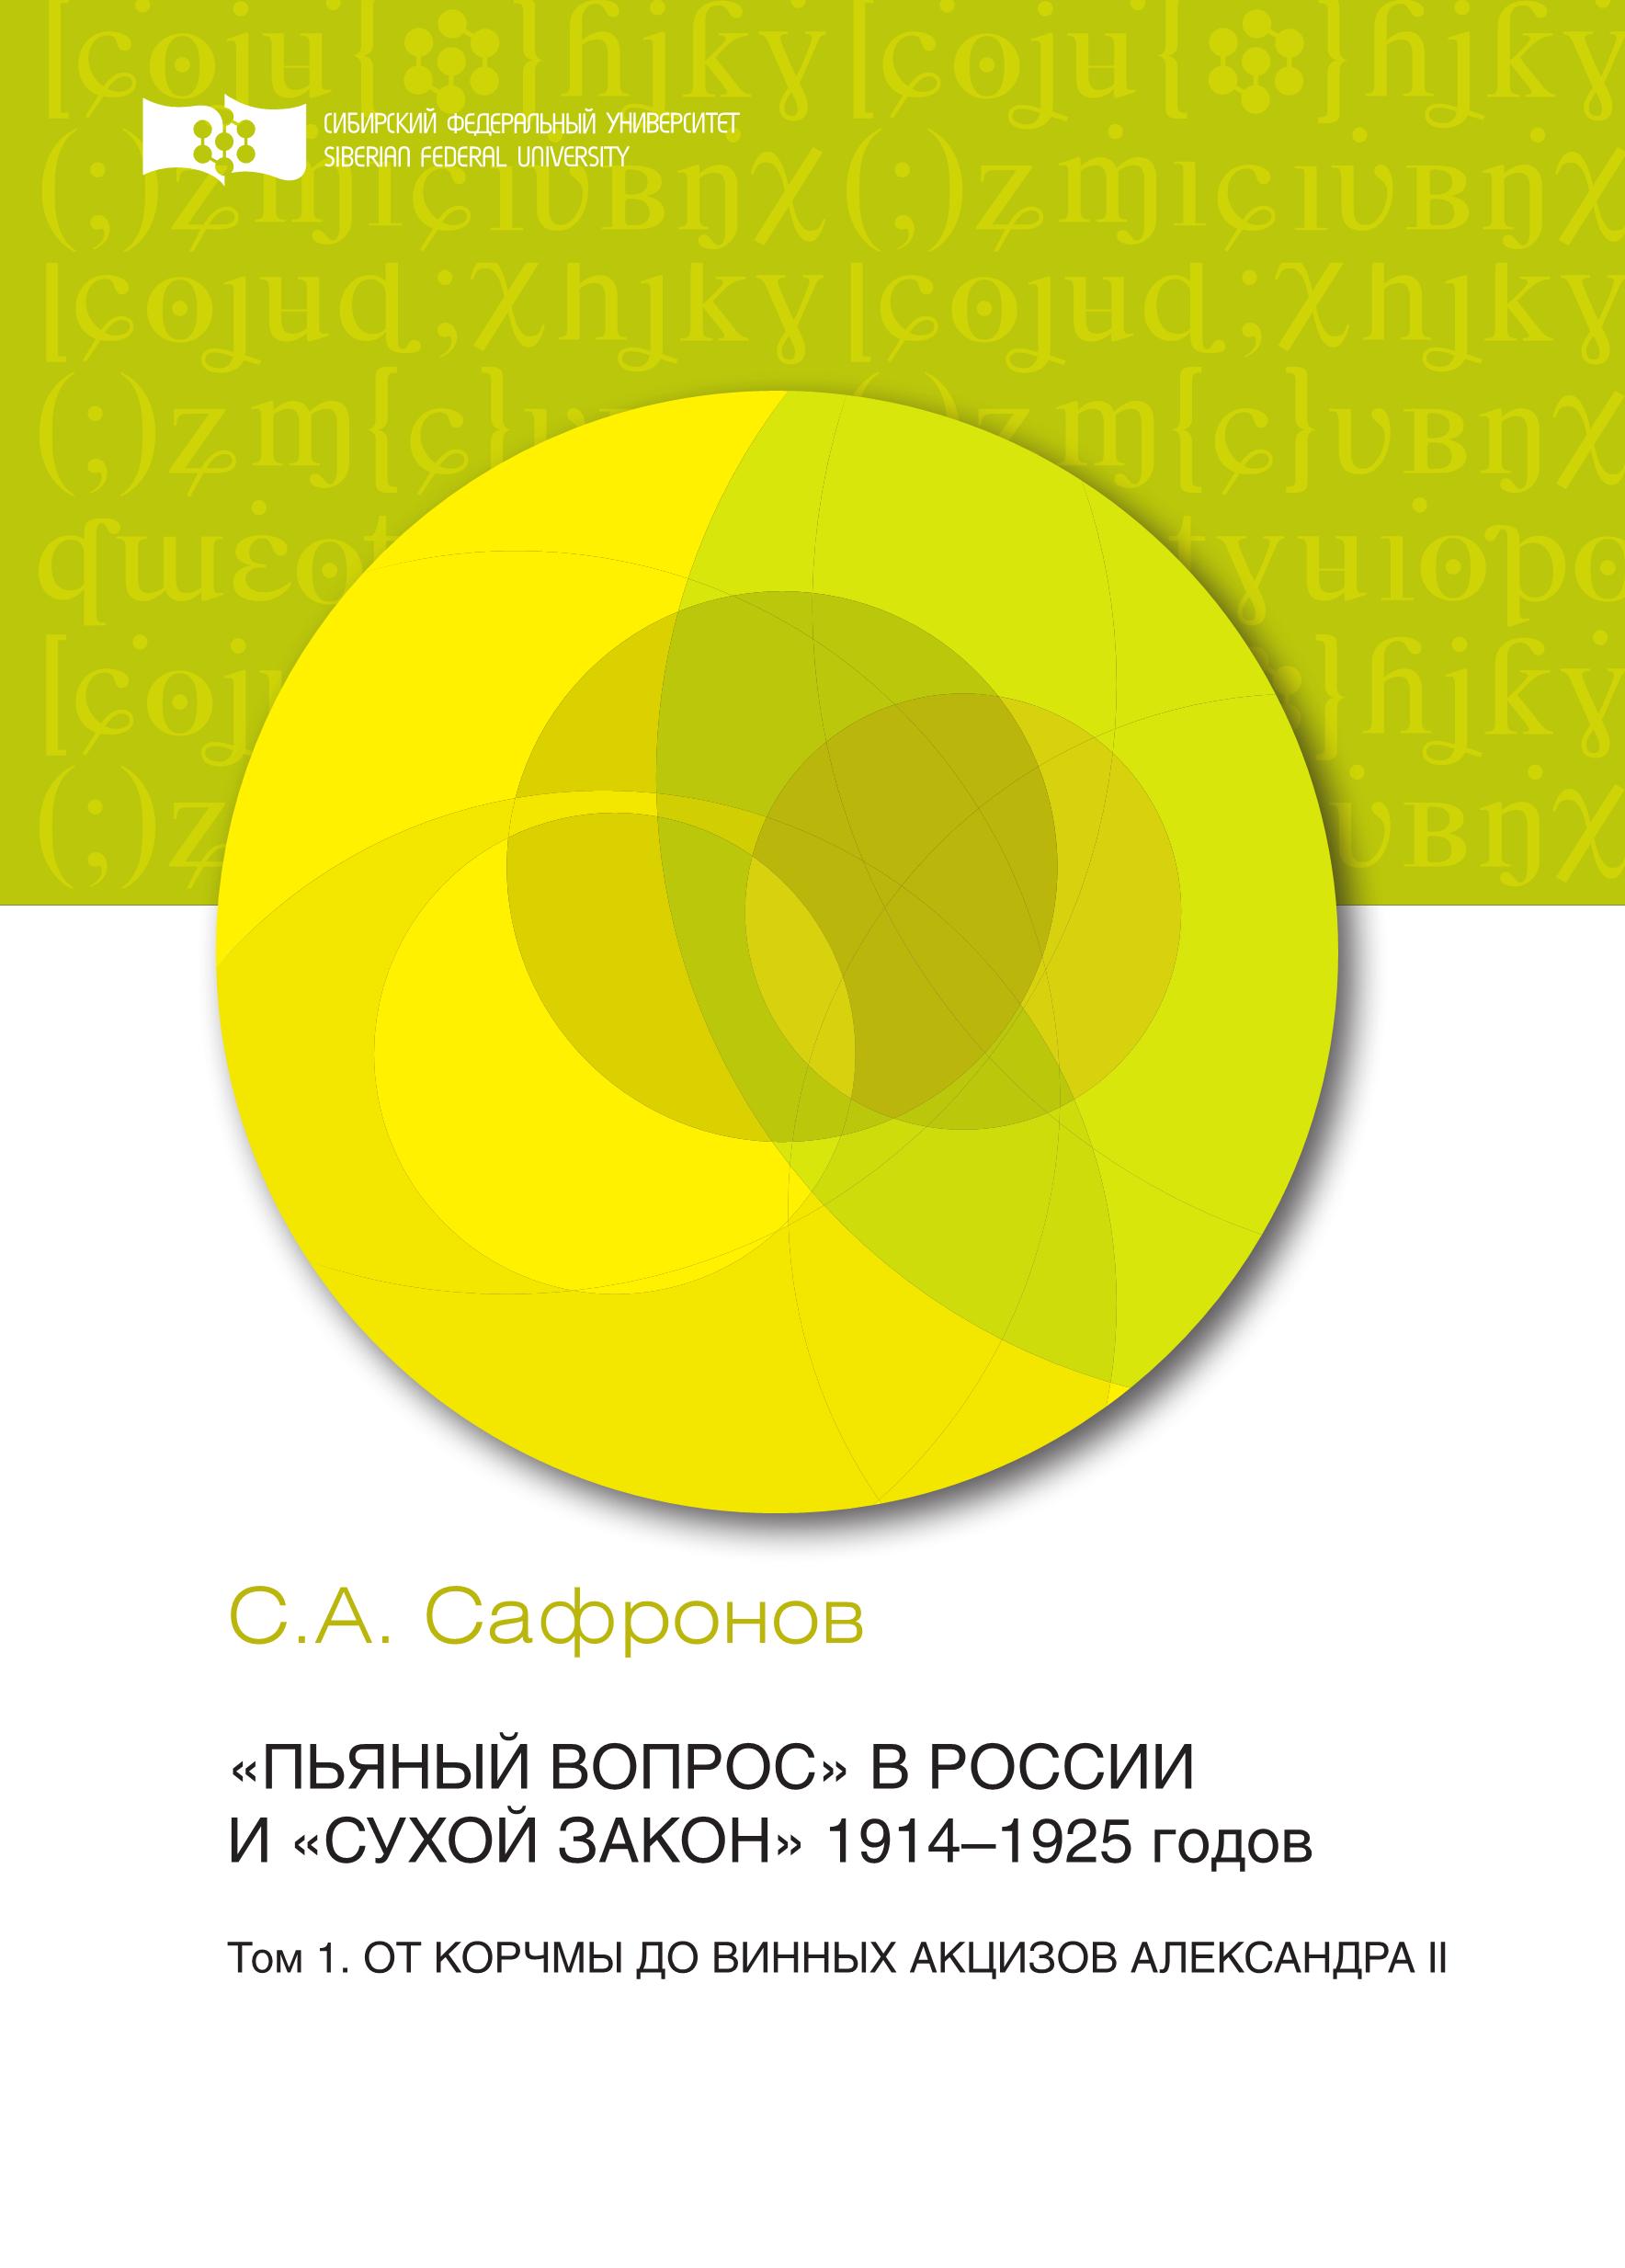 «Пьяный вопрос» в России и «сухой закон» 1914-1925 годов. Том 1. От корчмы до винных акцизов Александра II